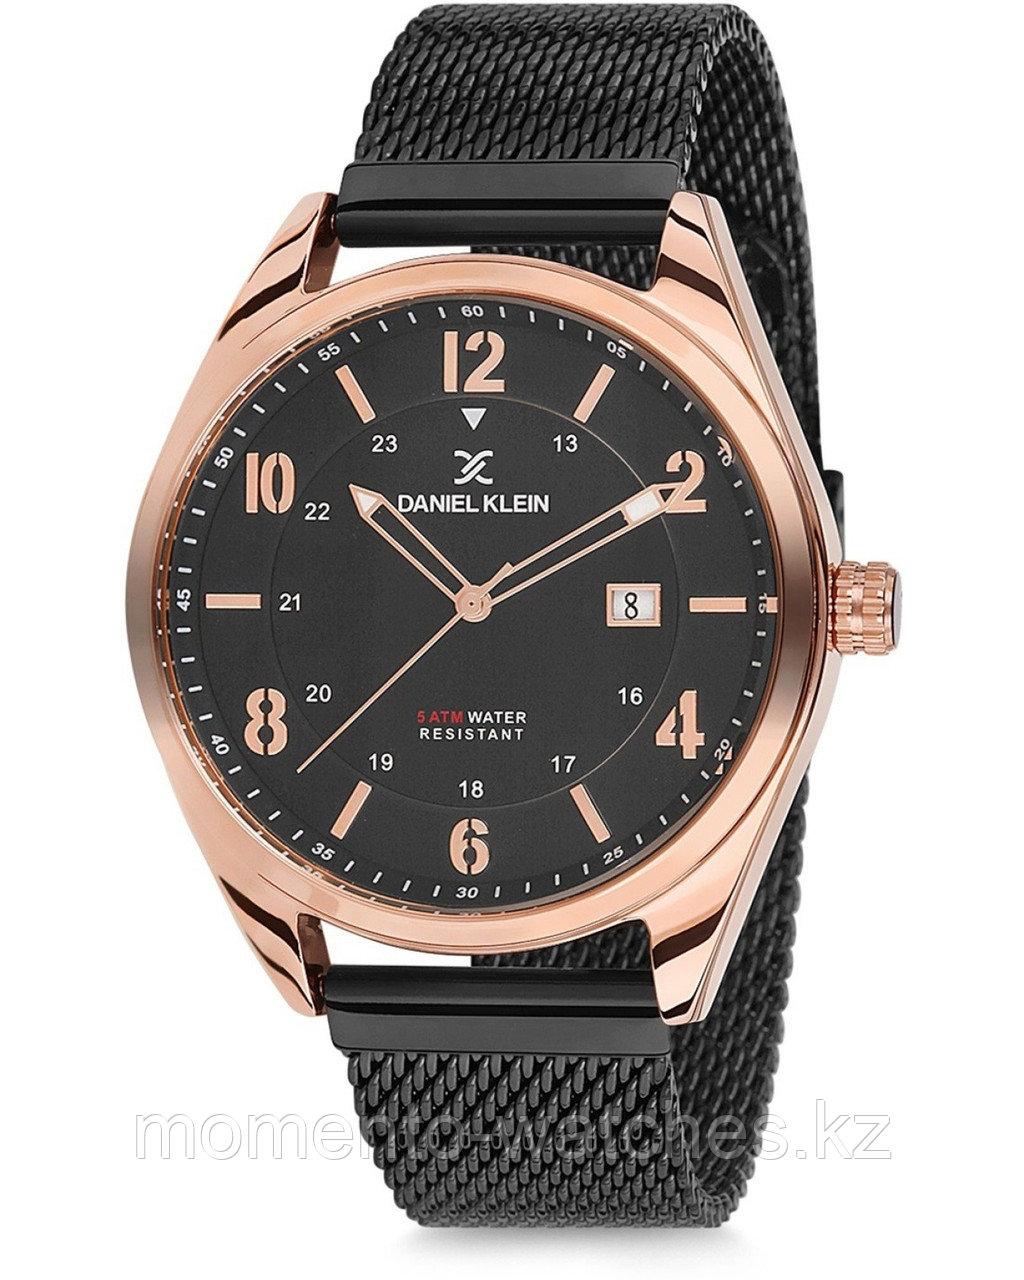 Мужские часы Daniel Klein DK11743-7